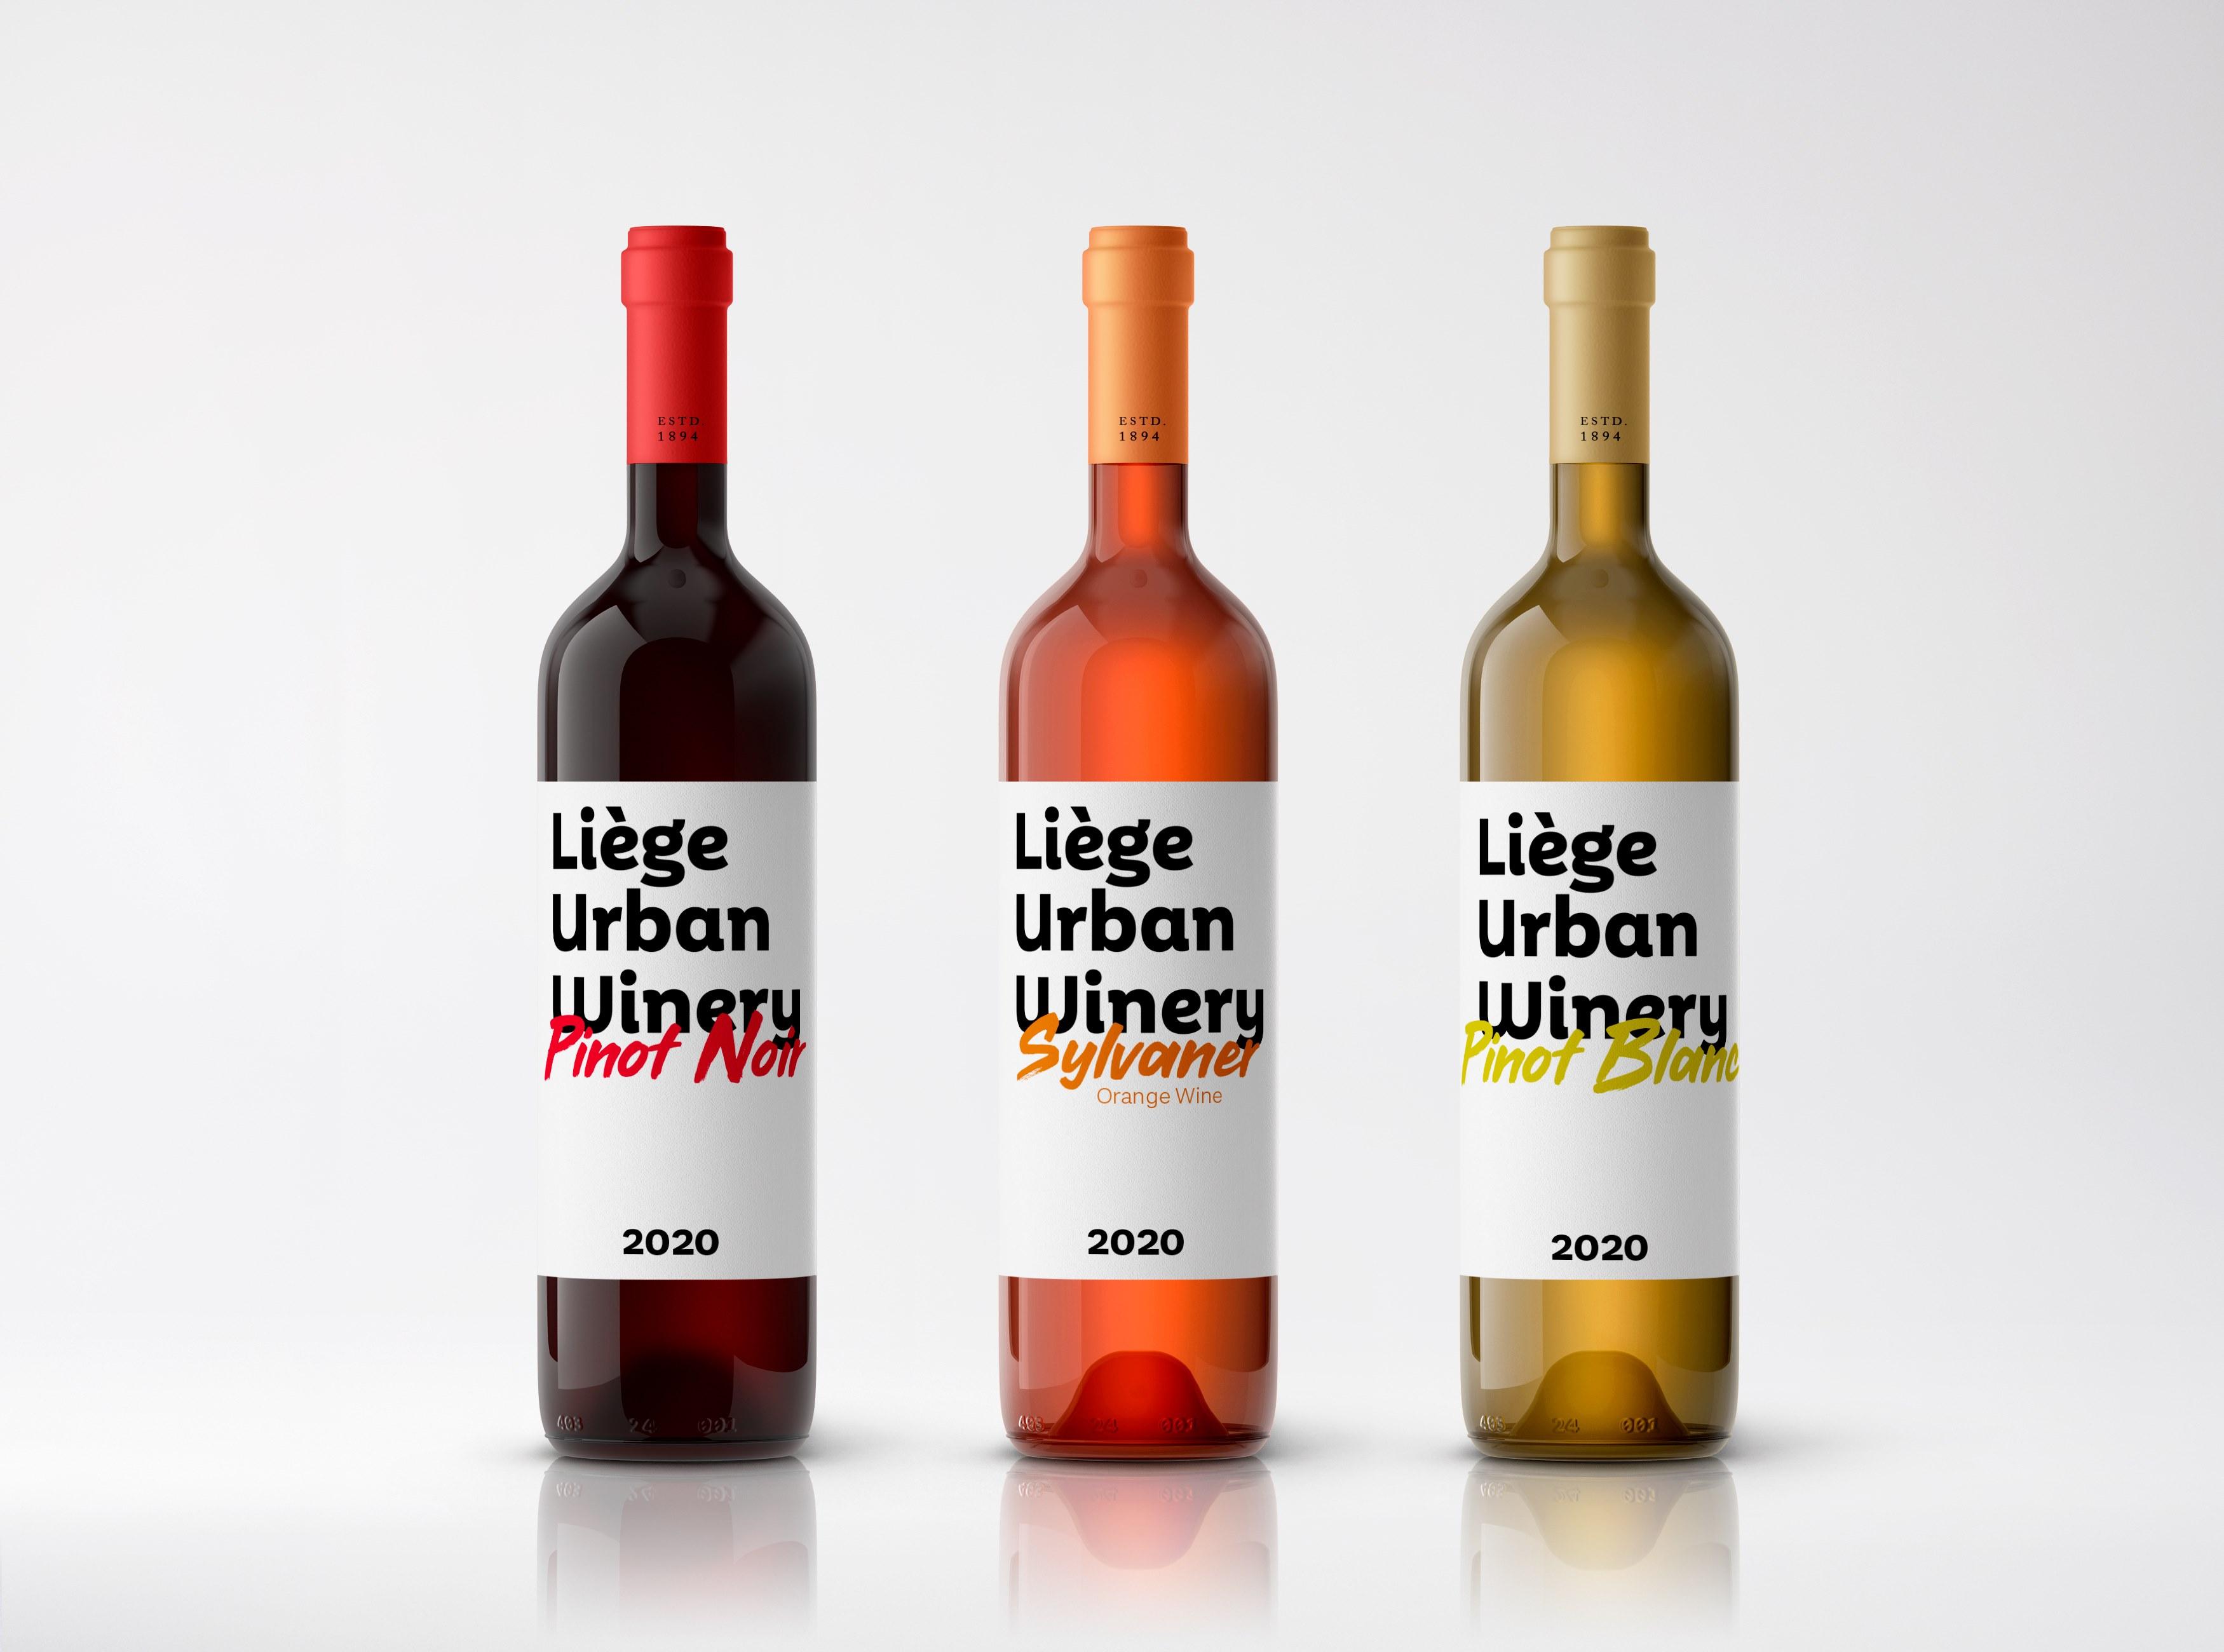 Les Vintrépides - Liège Urban Winery